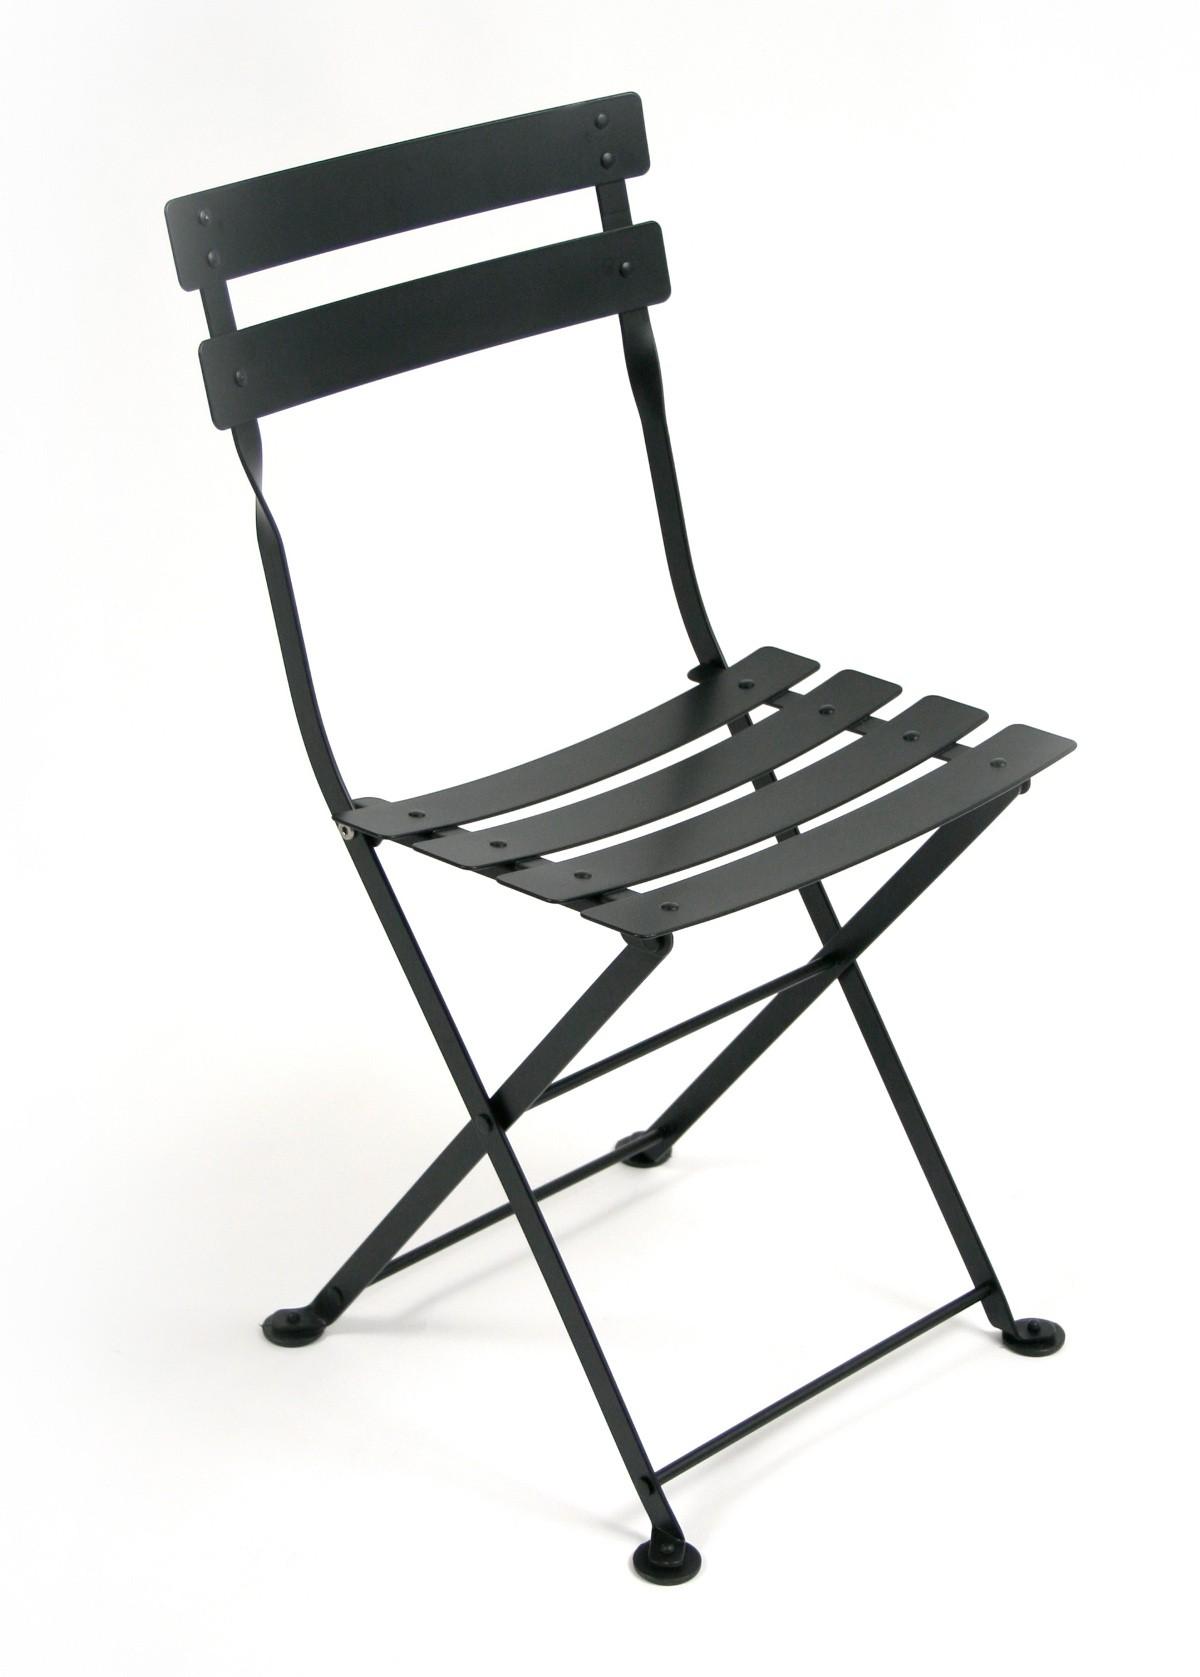 Chaise tom pouce de fermob noir r glisse - Fermob tom pouce ...